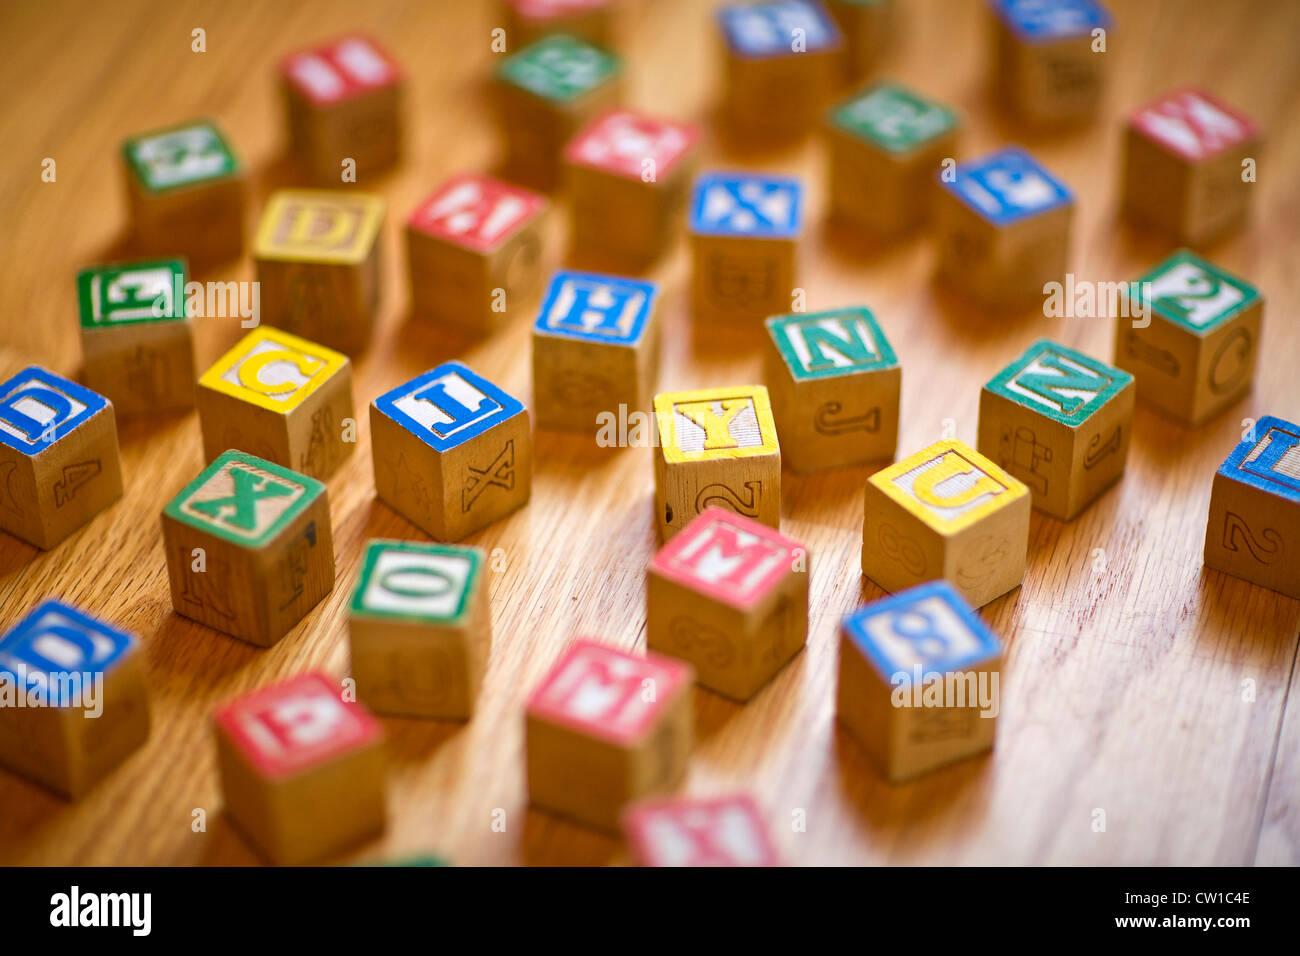 Still Life of Building Blocks - Stock Image